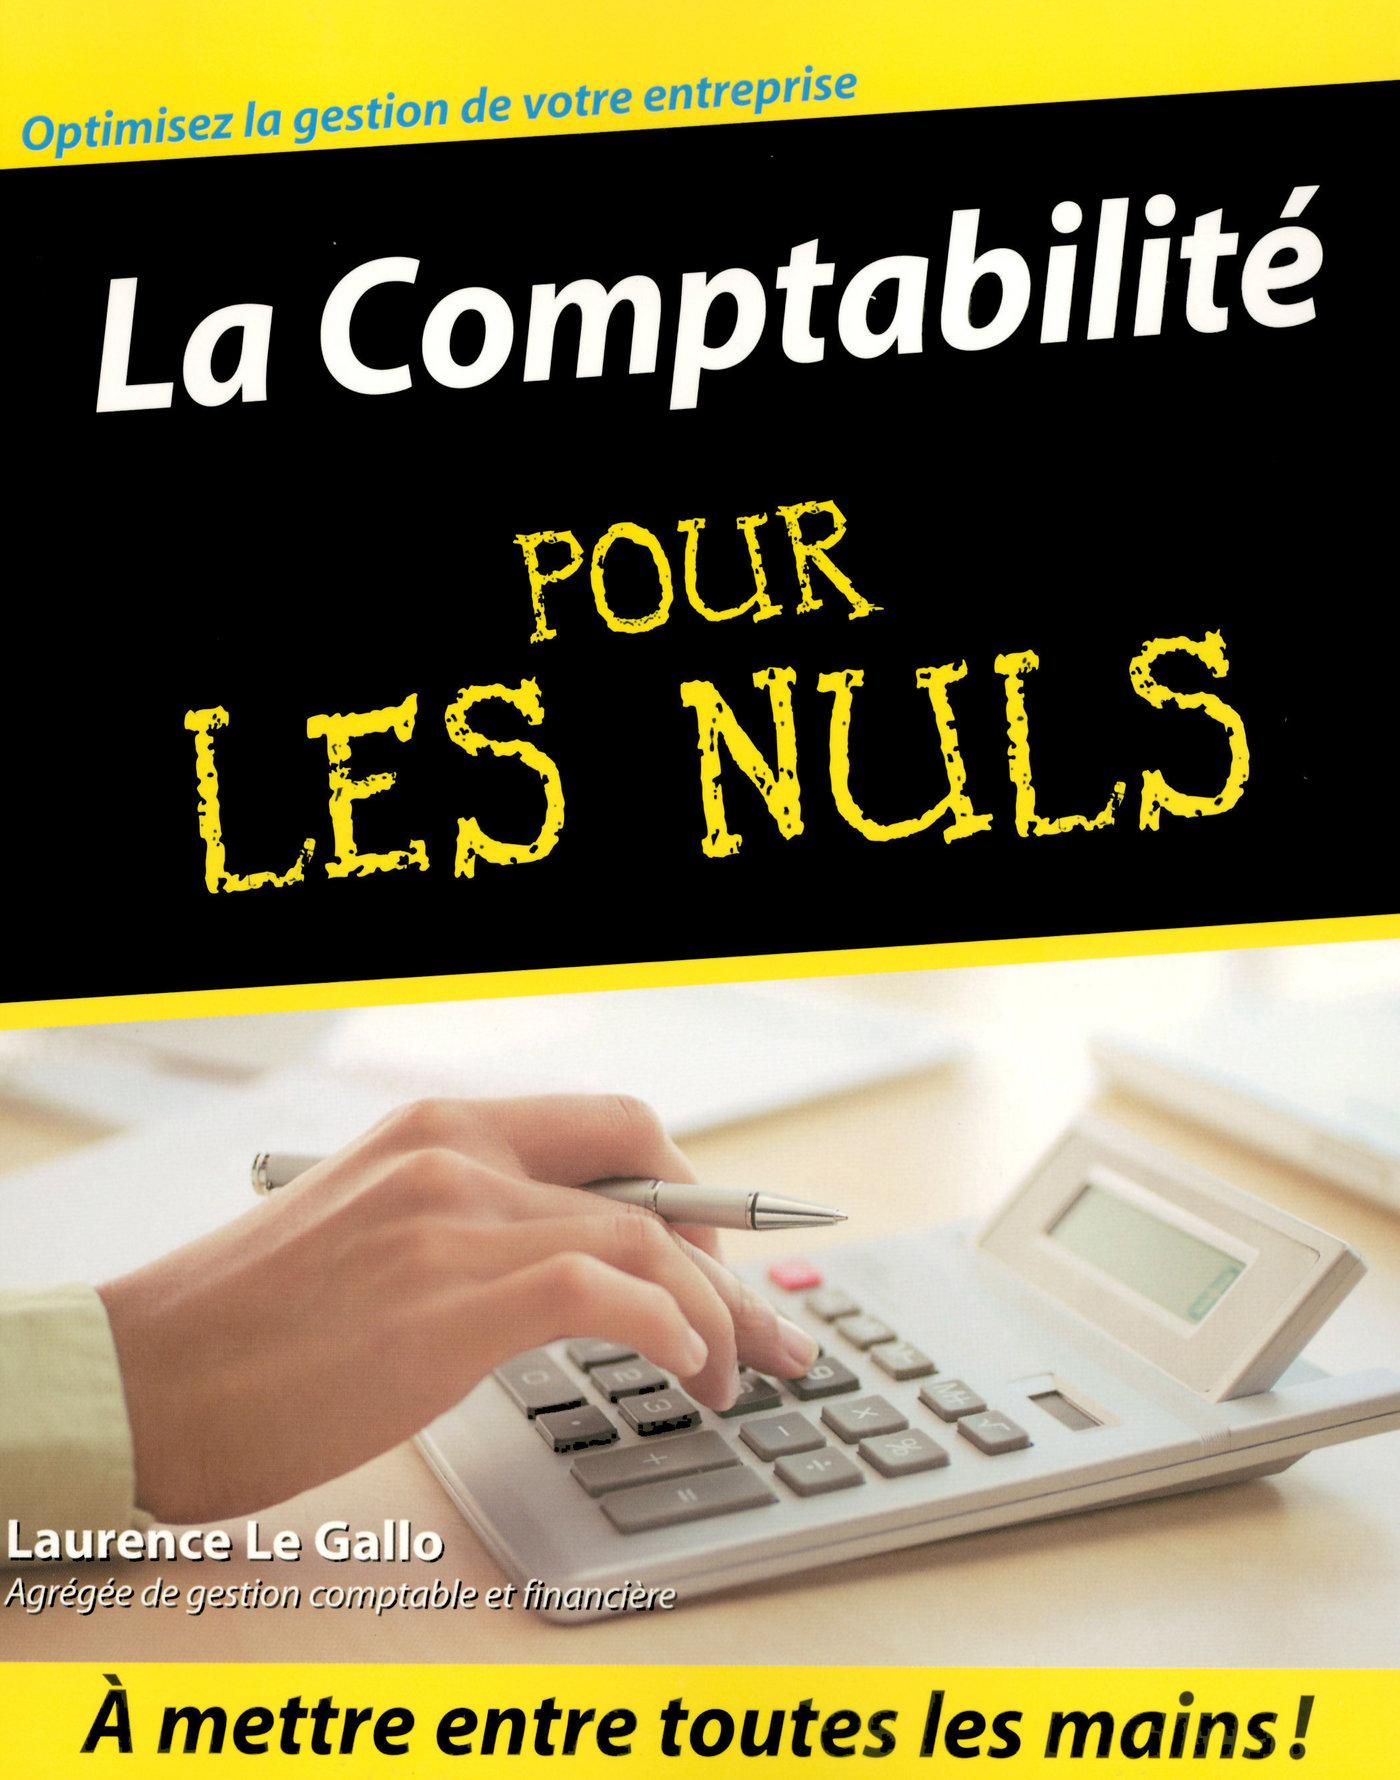 La comptabilité pour les nul